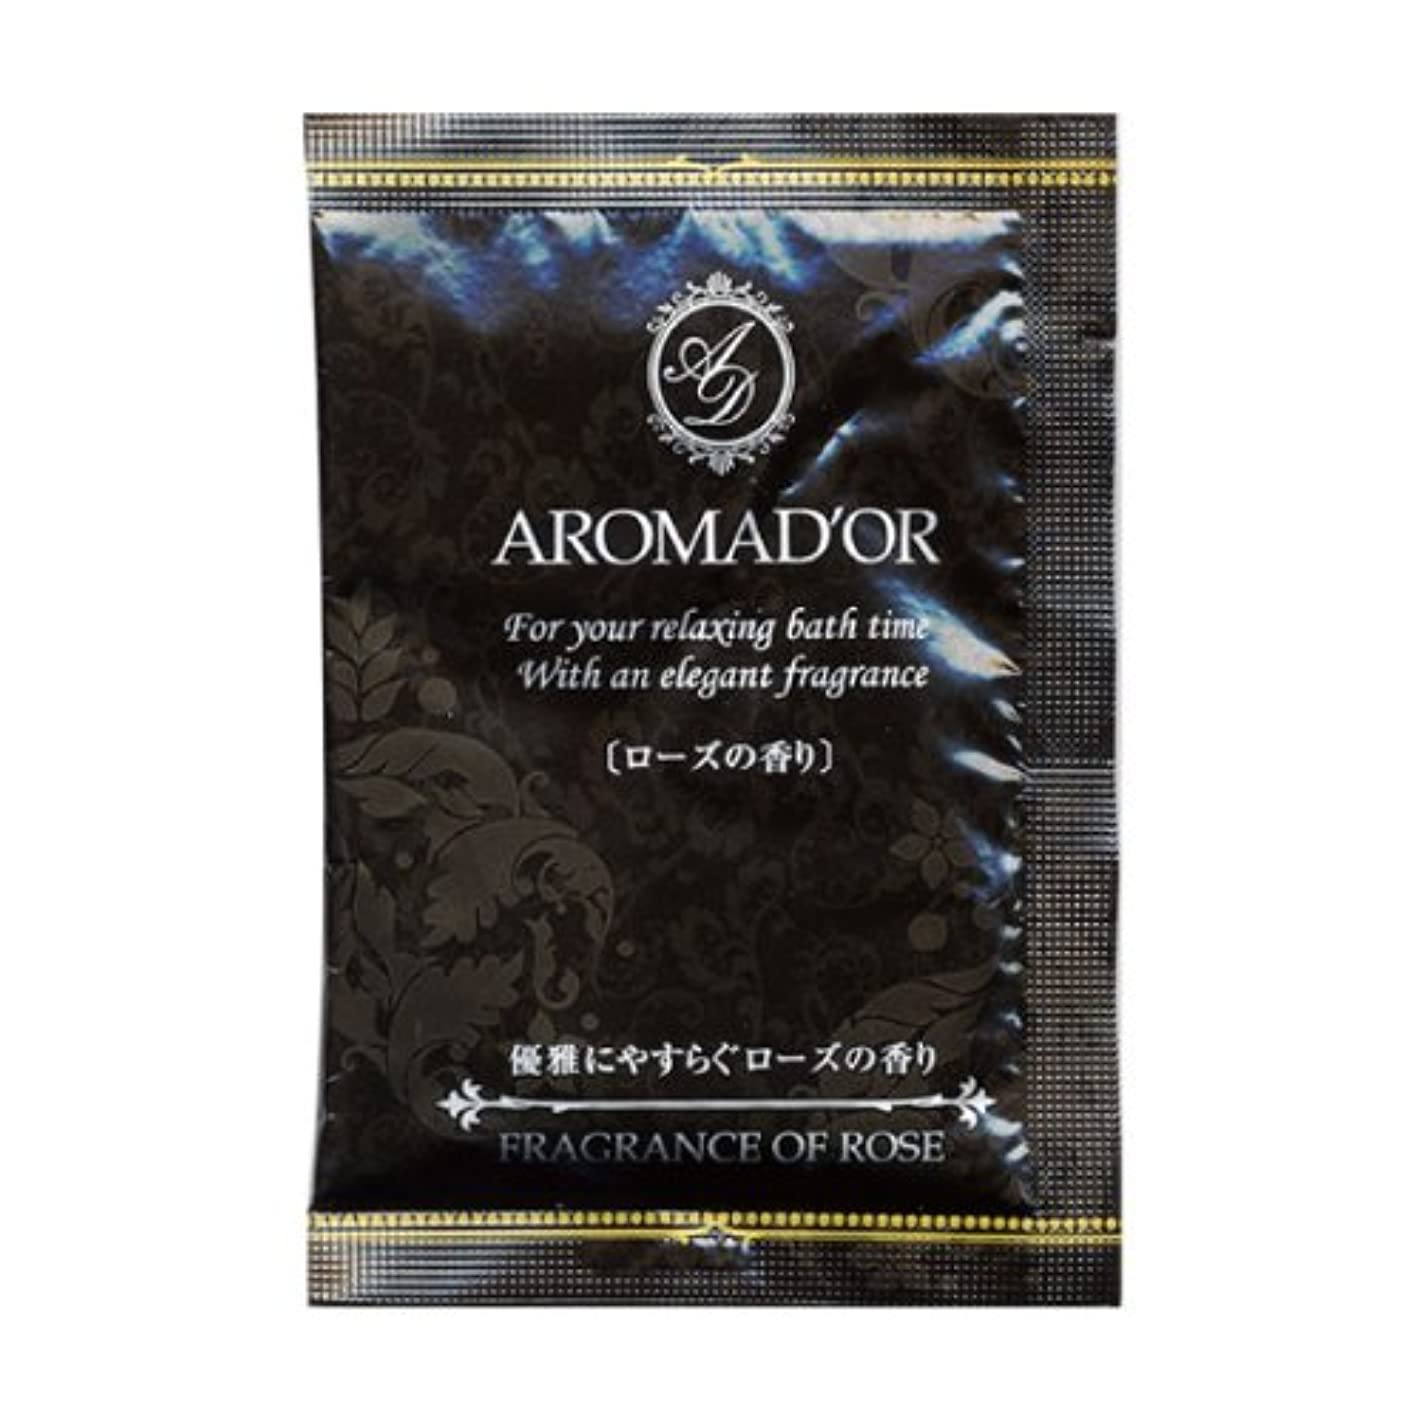 場所怠感紀元前アロマドール入浴剤 フレグランスローズの香り 200包